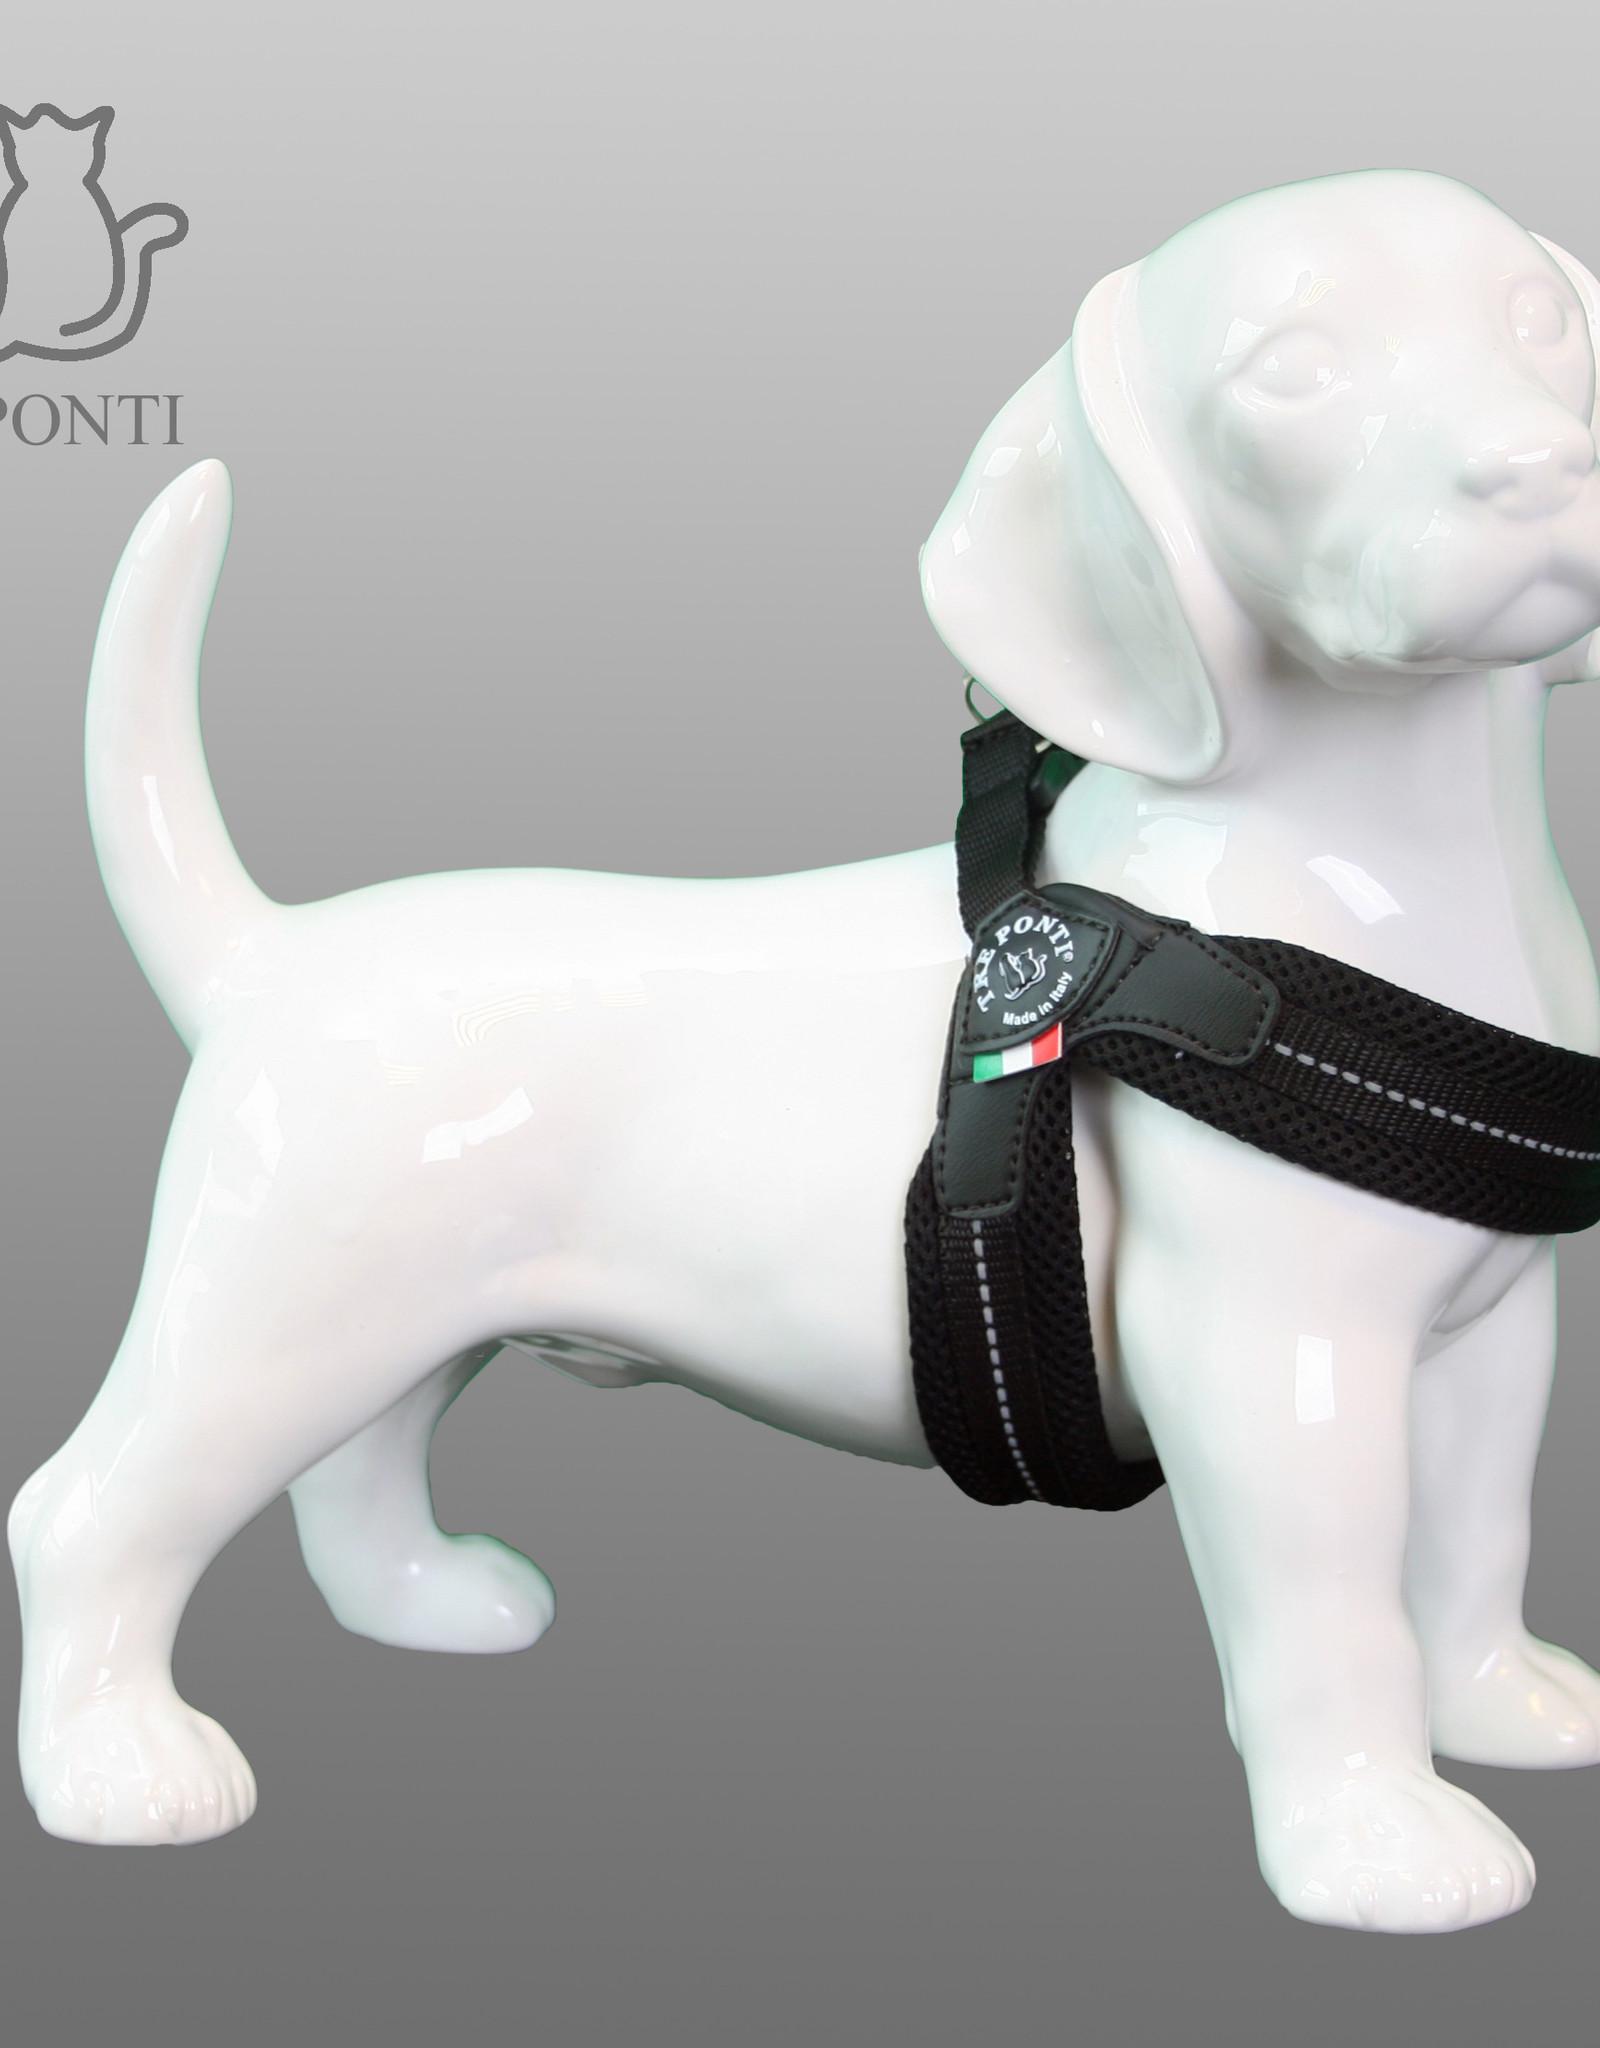 Tre Ponti Fibbia mesh tuig voor kleinere honden